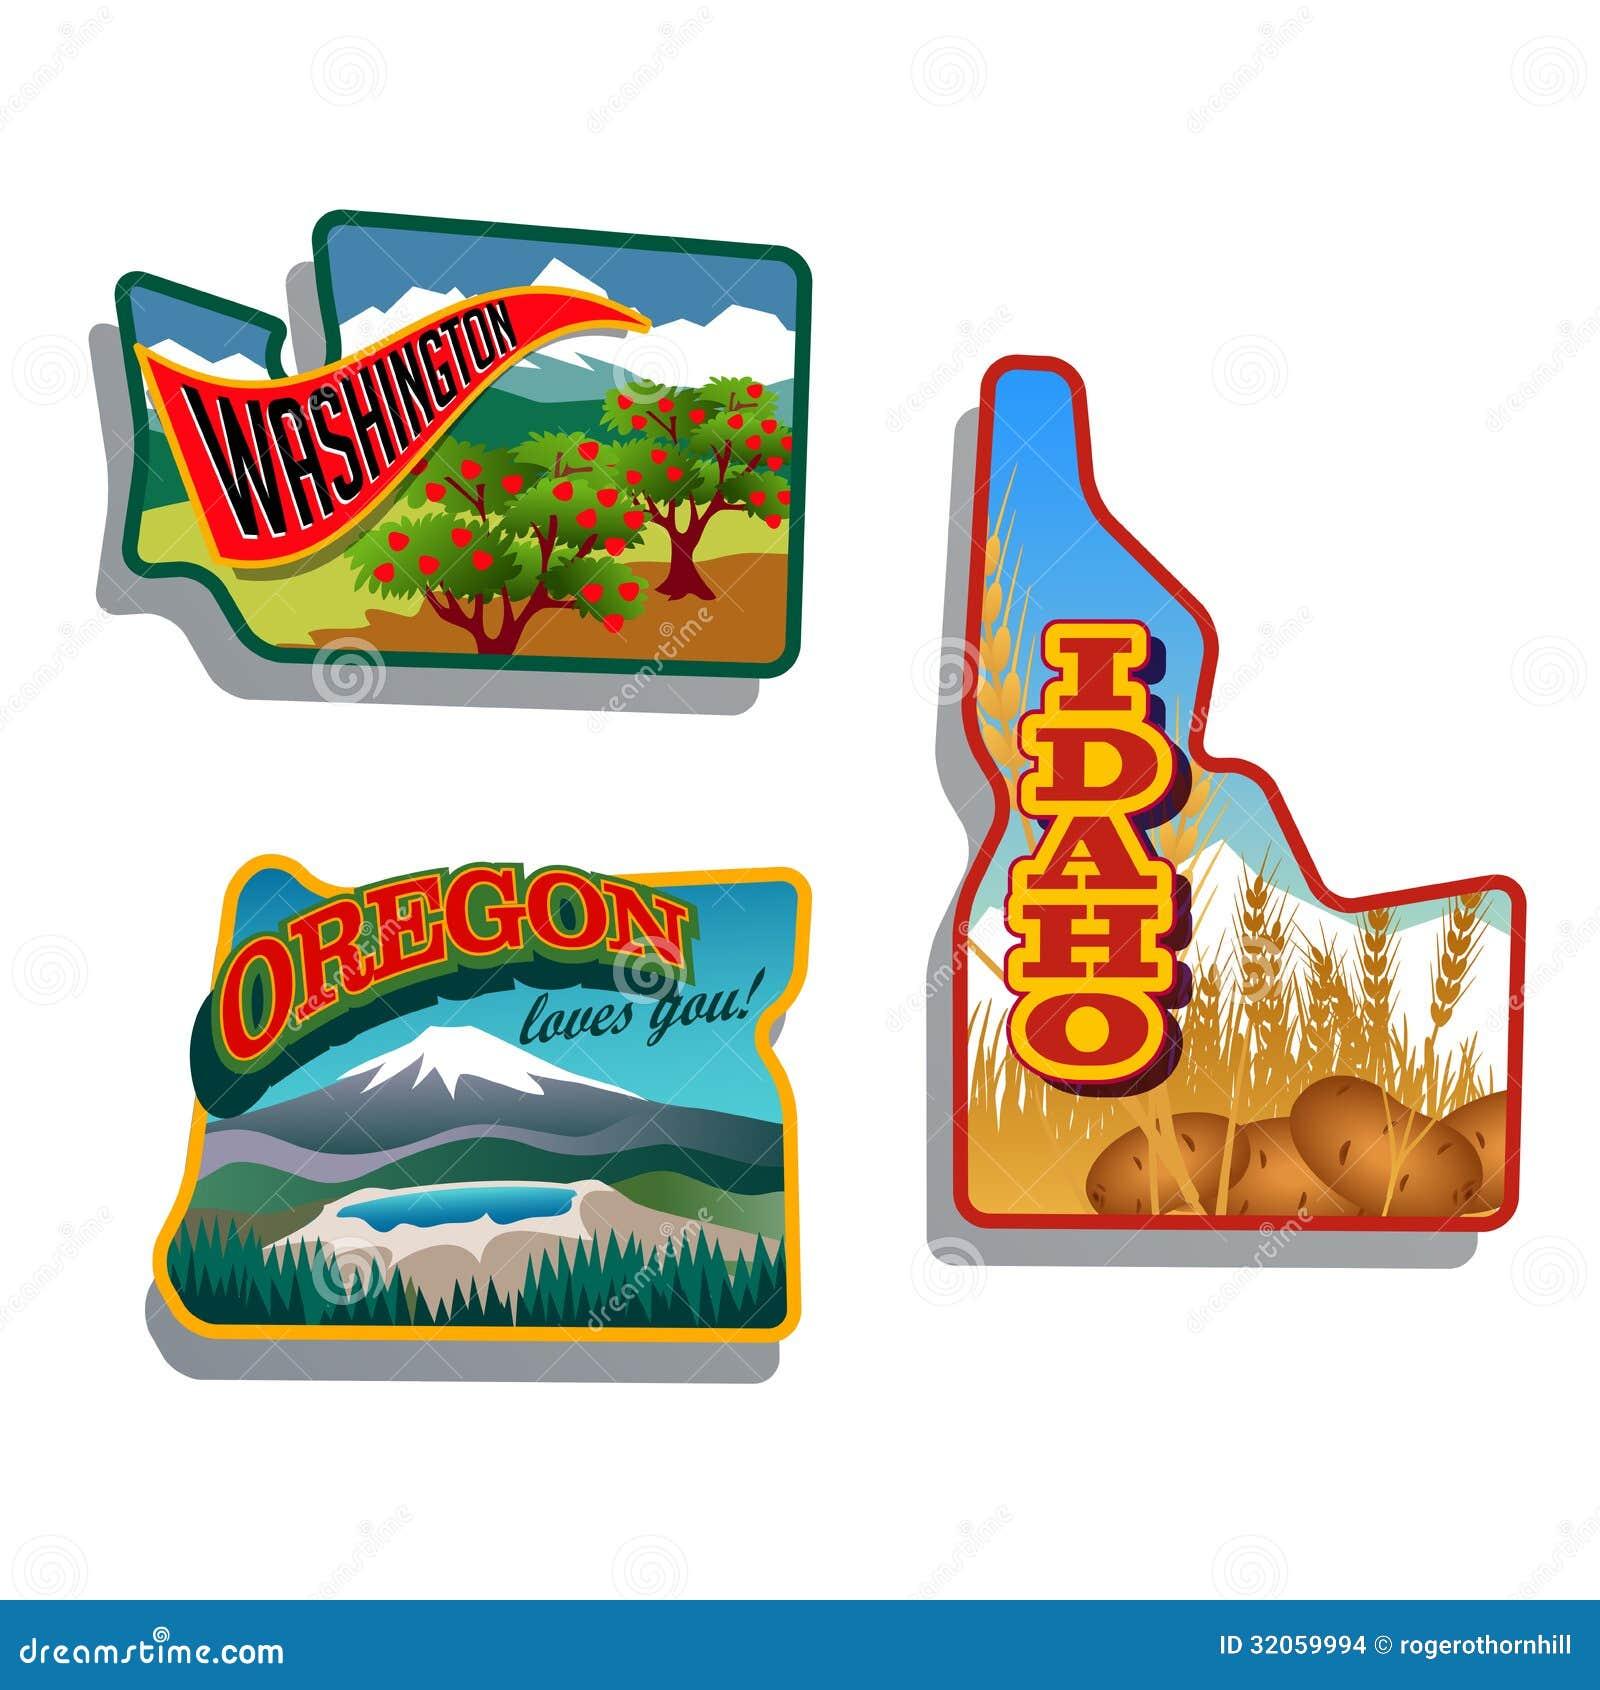 Northwest United States Idaho Oregon Washington Retro